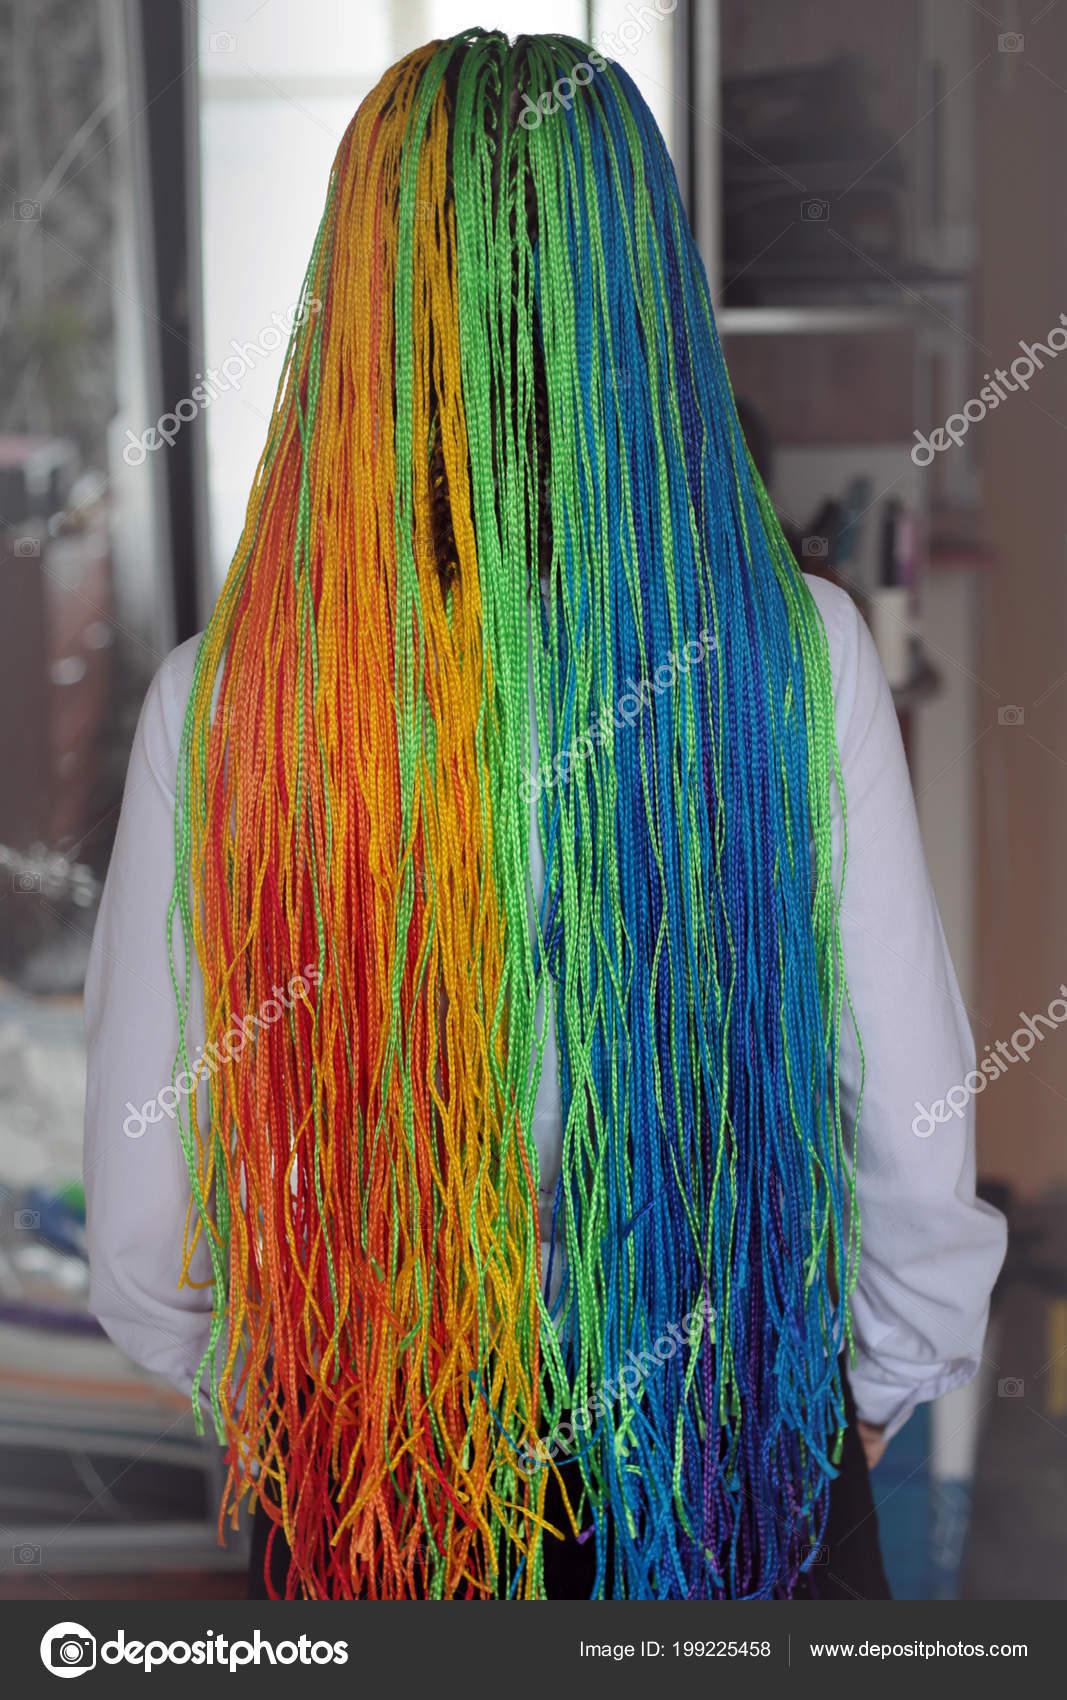 Trecce colorate sottili in stile africano, zizi trecce, trecce con  kanekalon, acconciature per le ragazze, giovani, capelli colorati, colori  dell\u0027arcobaleno